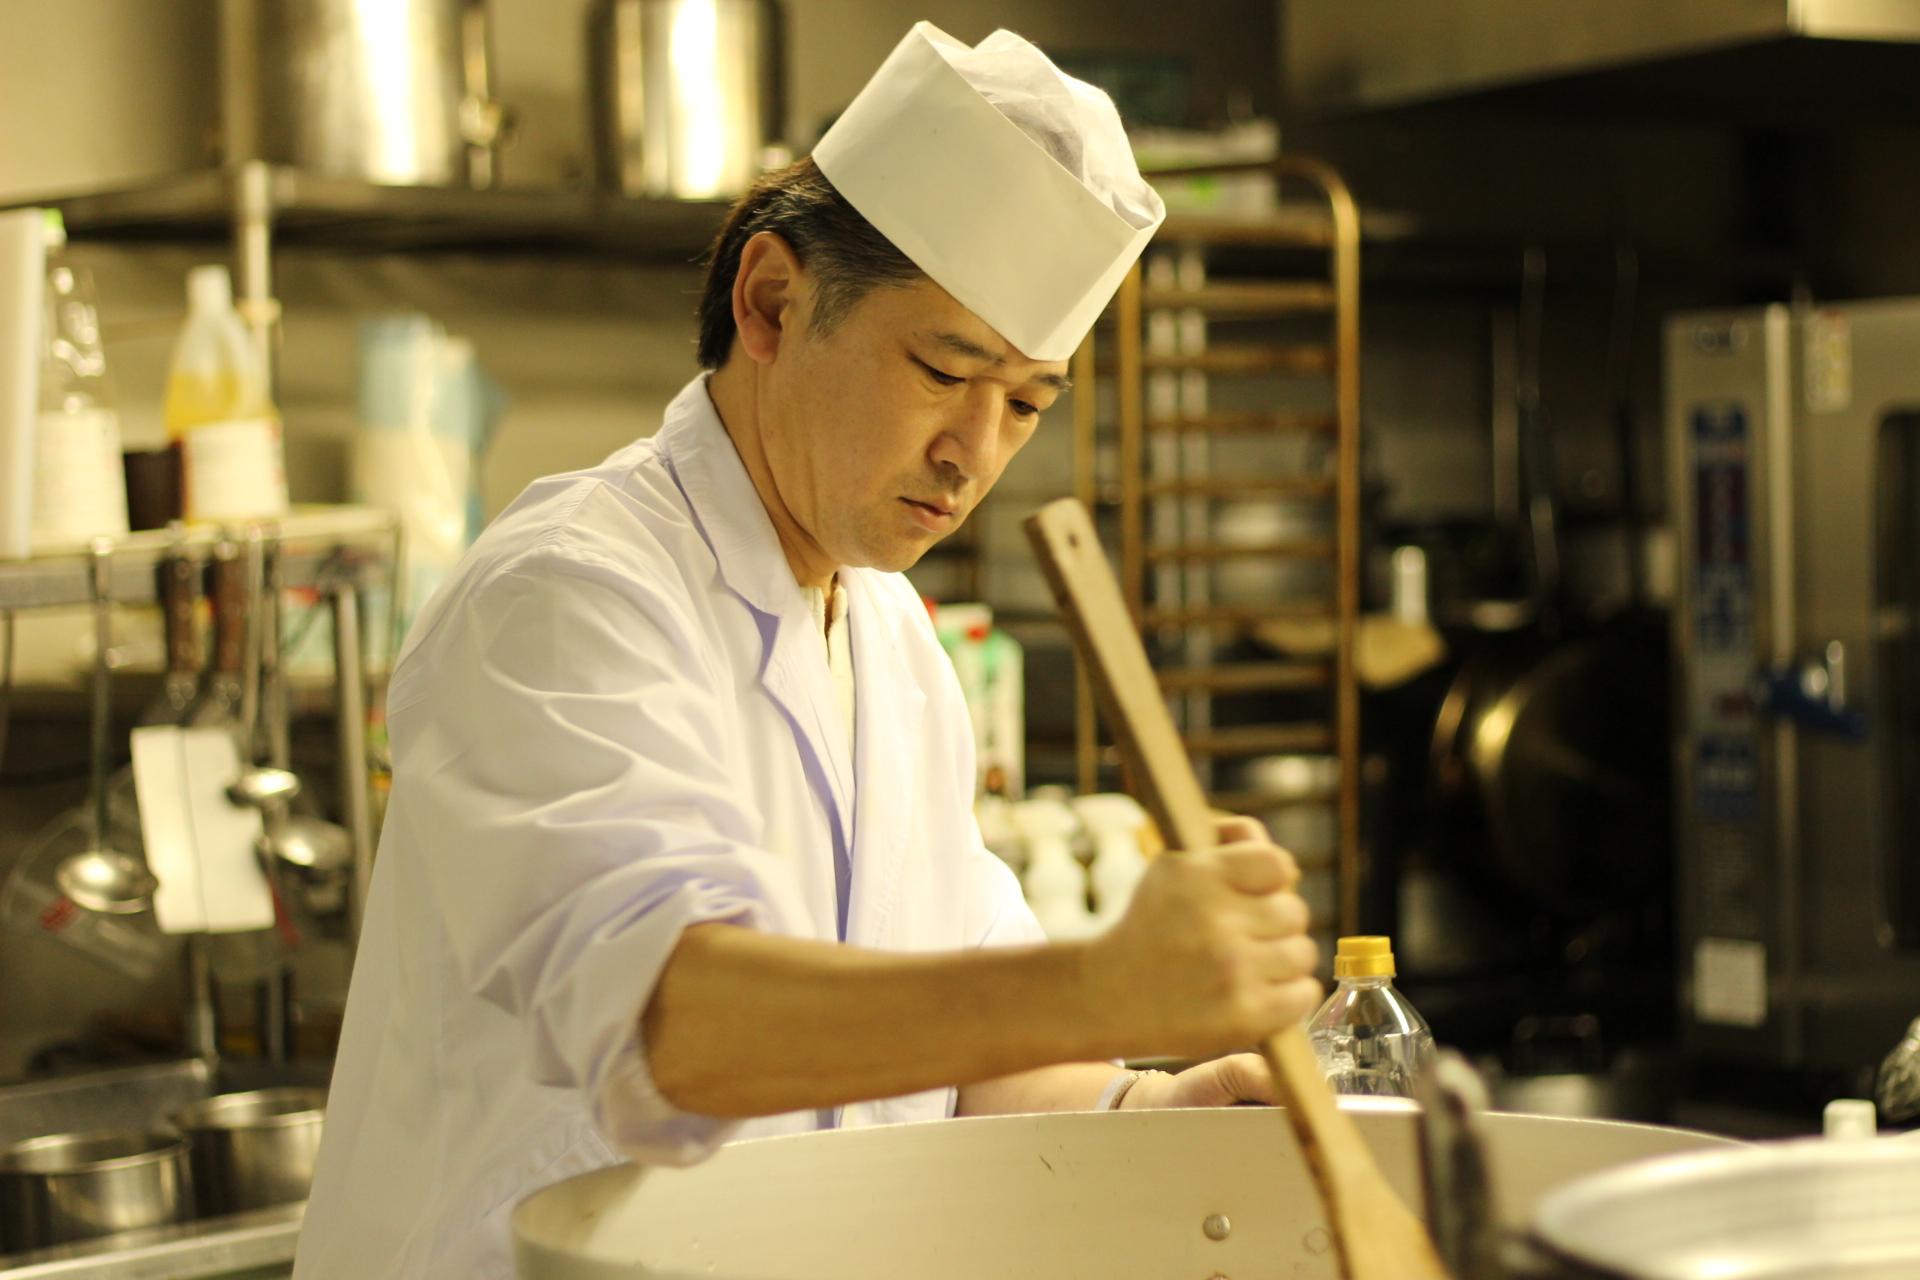 【週1日~OK】料理好き必見★カンタンな補助業務からスタート!調理補助スタッフ